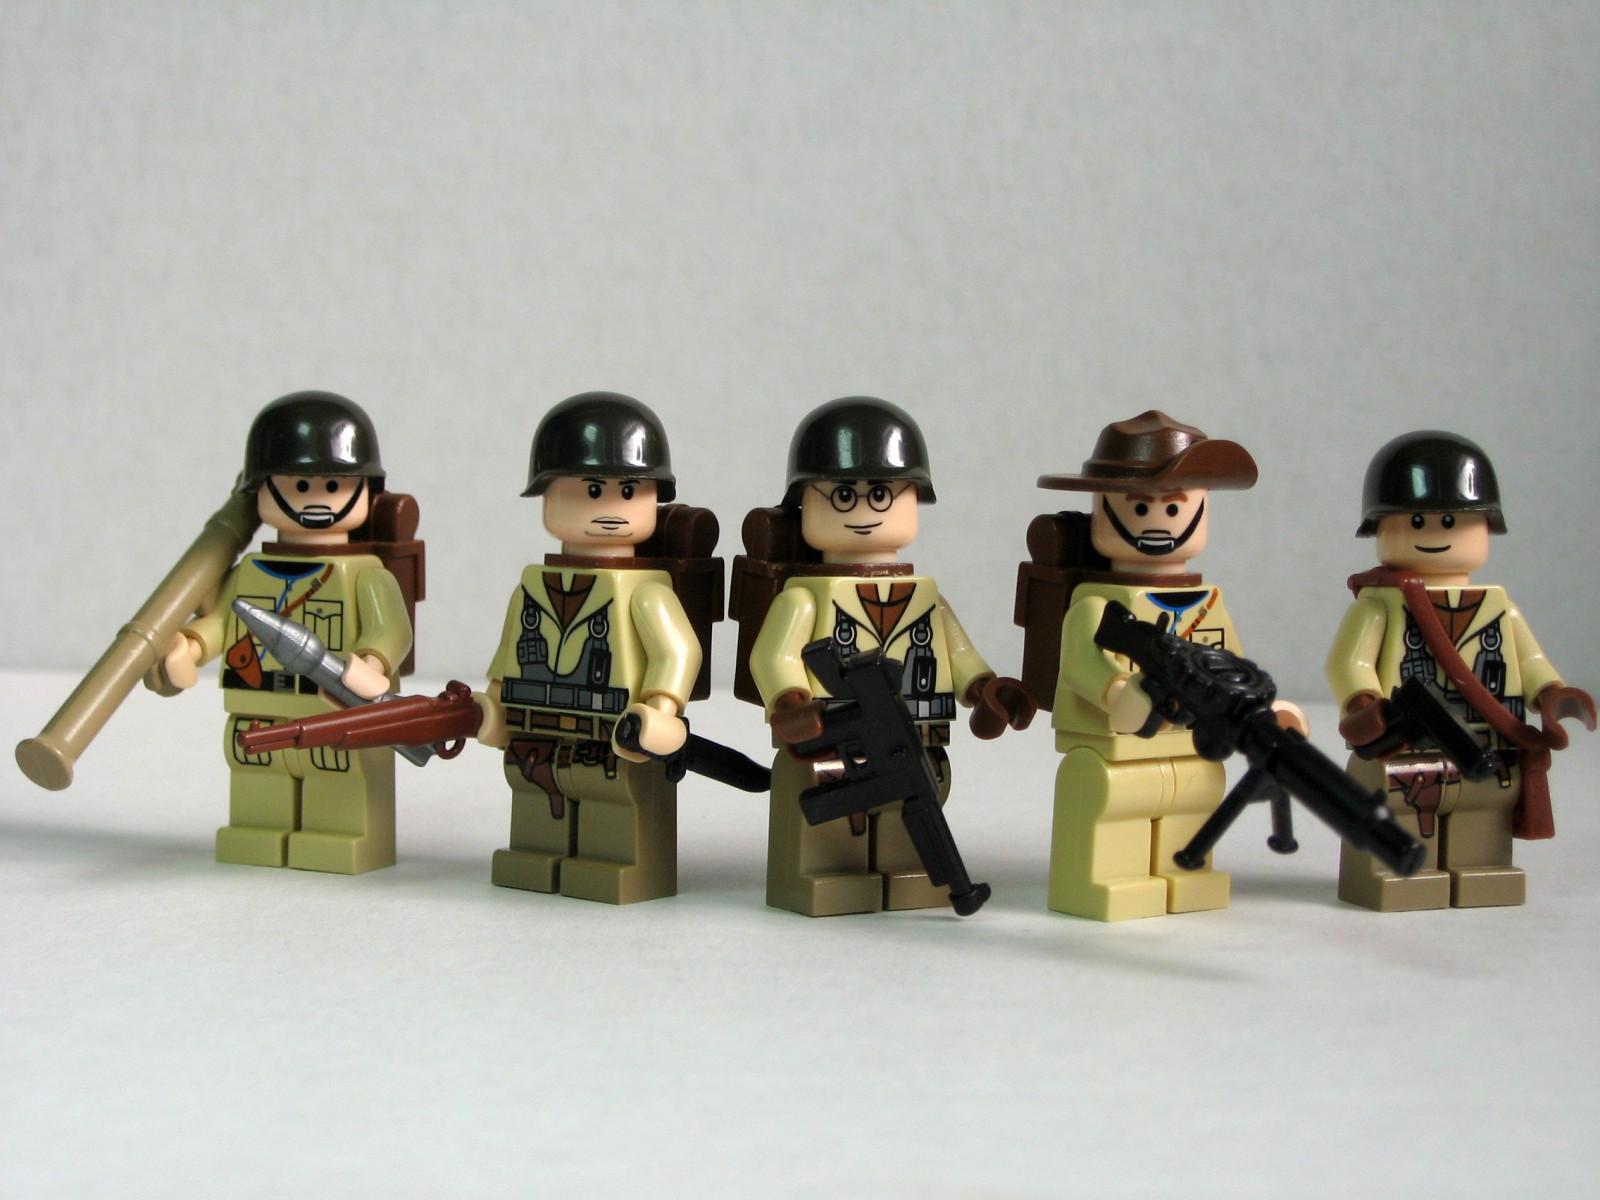 fond d 39 cran etats unis soldat arm e nous pistolet lego la seconde guerre mondiale. Black Bedroom Furniture Sets. Home Design Ideas